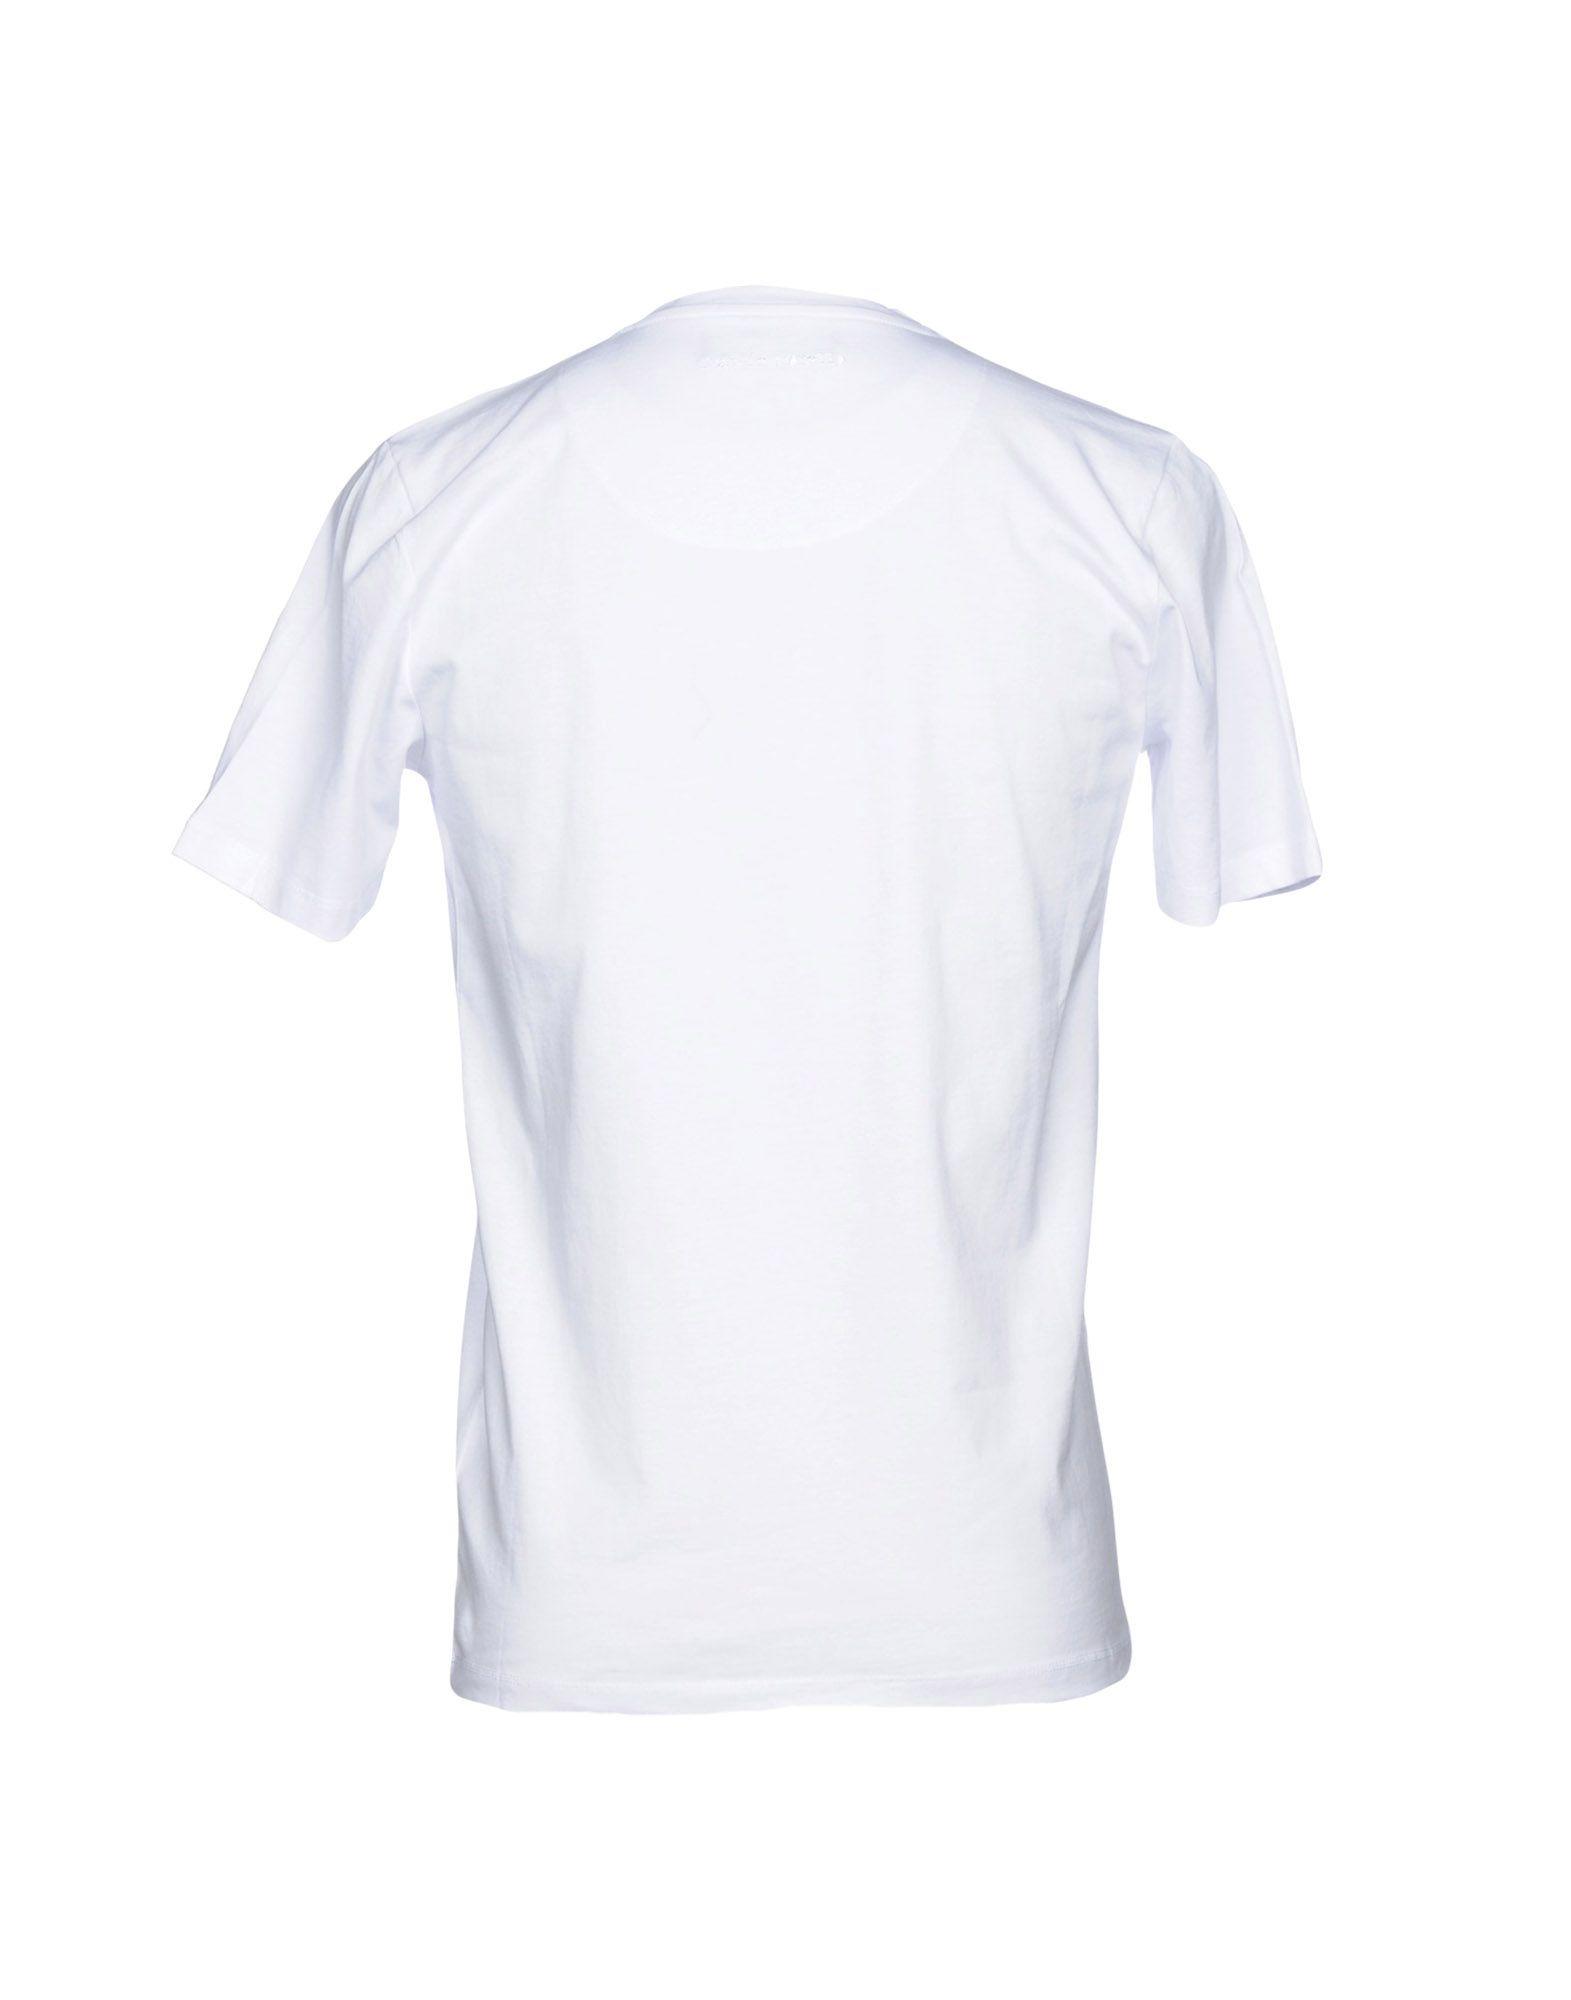 T-Shirt Frankie Morello Uomo - 12171431IX 12171431IX - 6e1adc